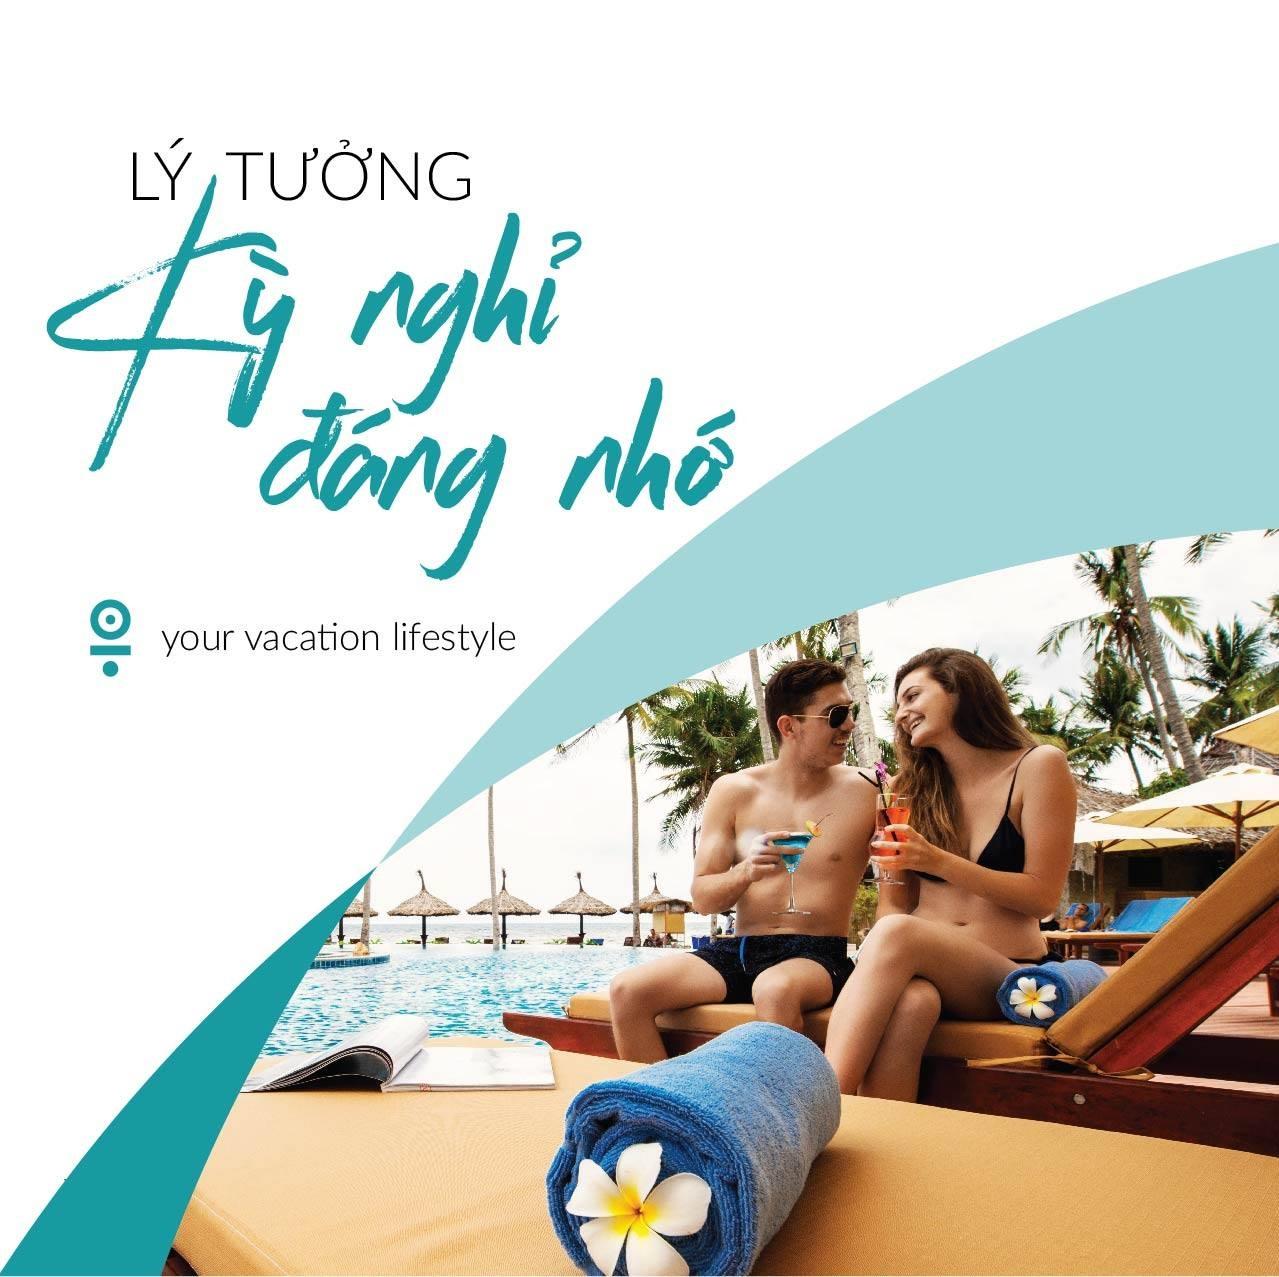 Tập đoàn khách sạn Mường Thanh ra mắt bộ phận nhận diện thương hiệu mới 'Bản sắc Việt - Bản sắc Mường Thanh' 1